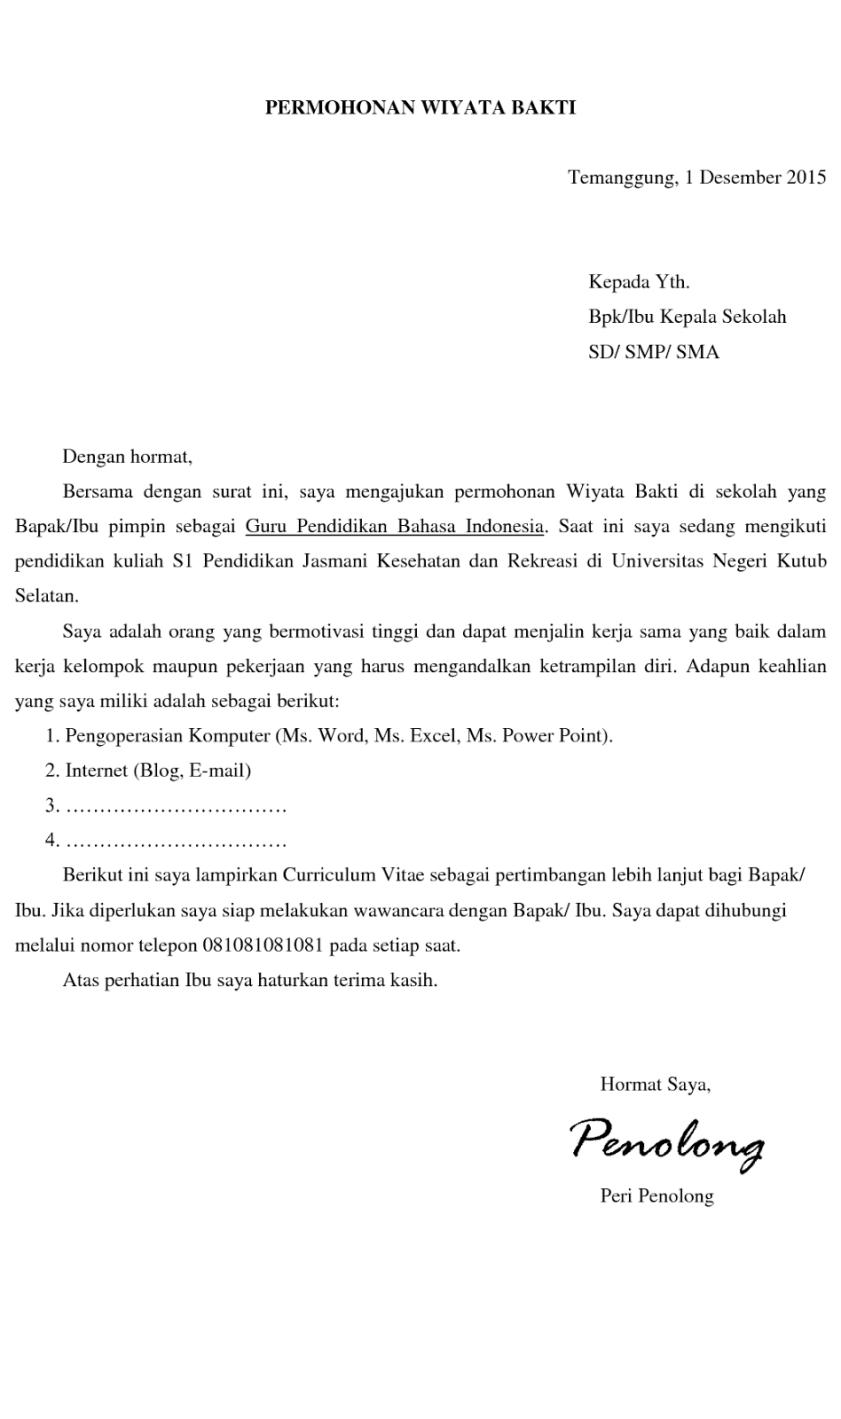 2. Contoh Surat Lamaran Kerja Guru Dalam Bahasa Inggris